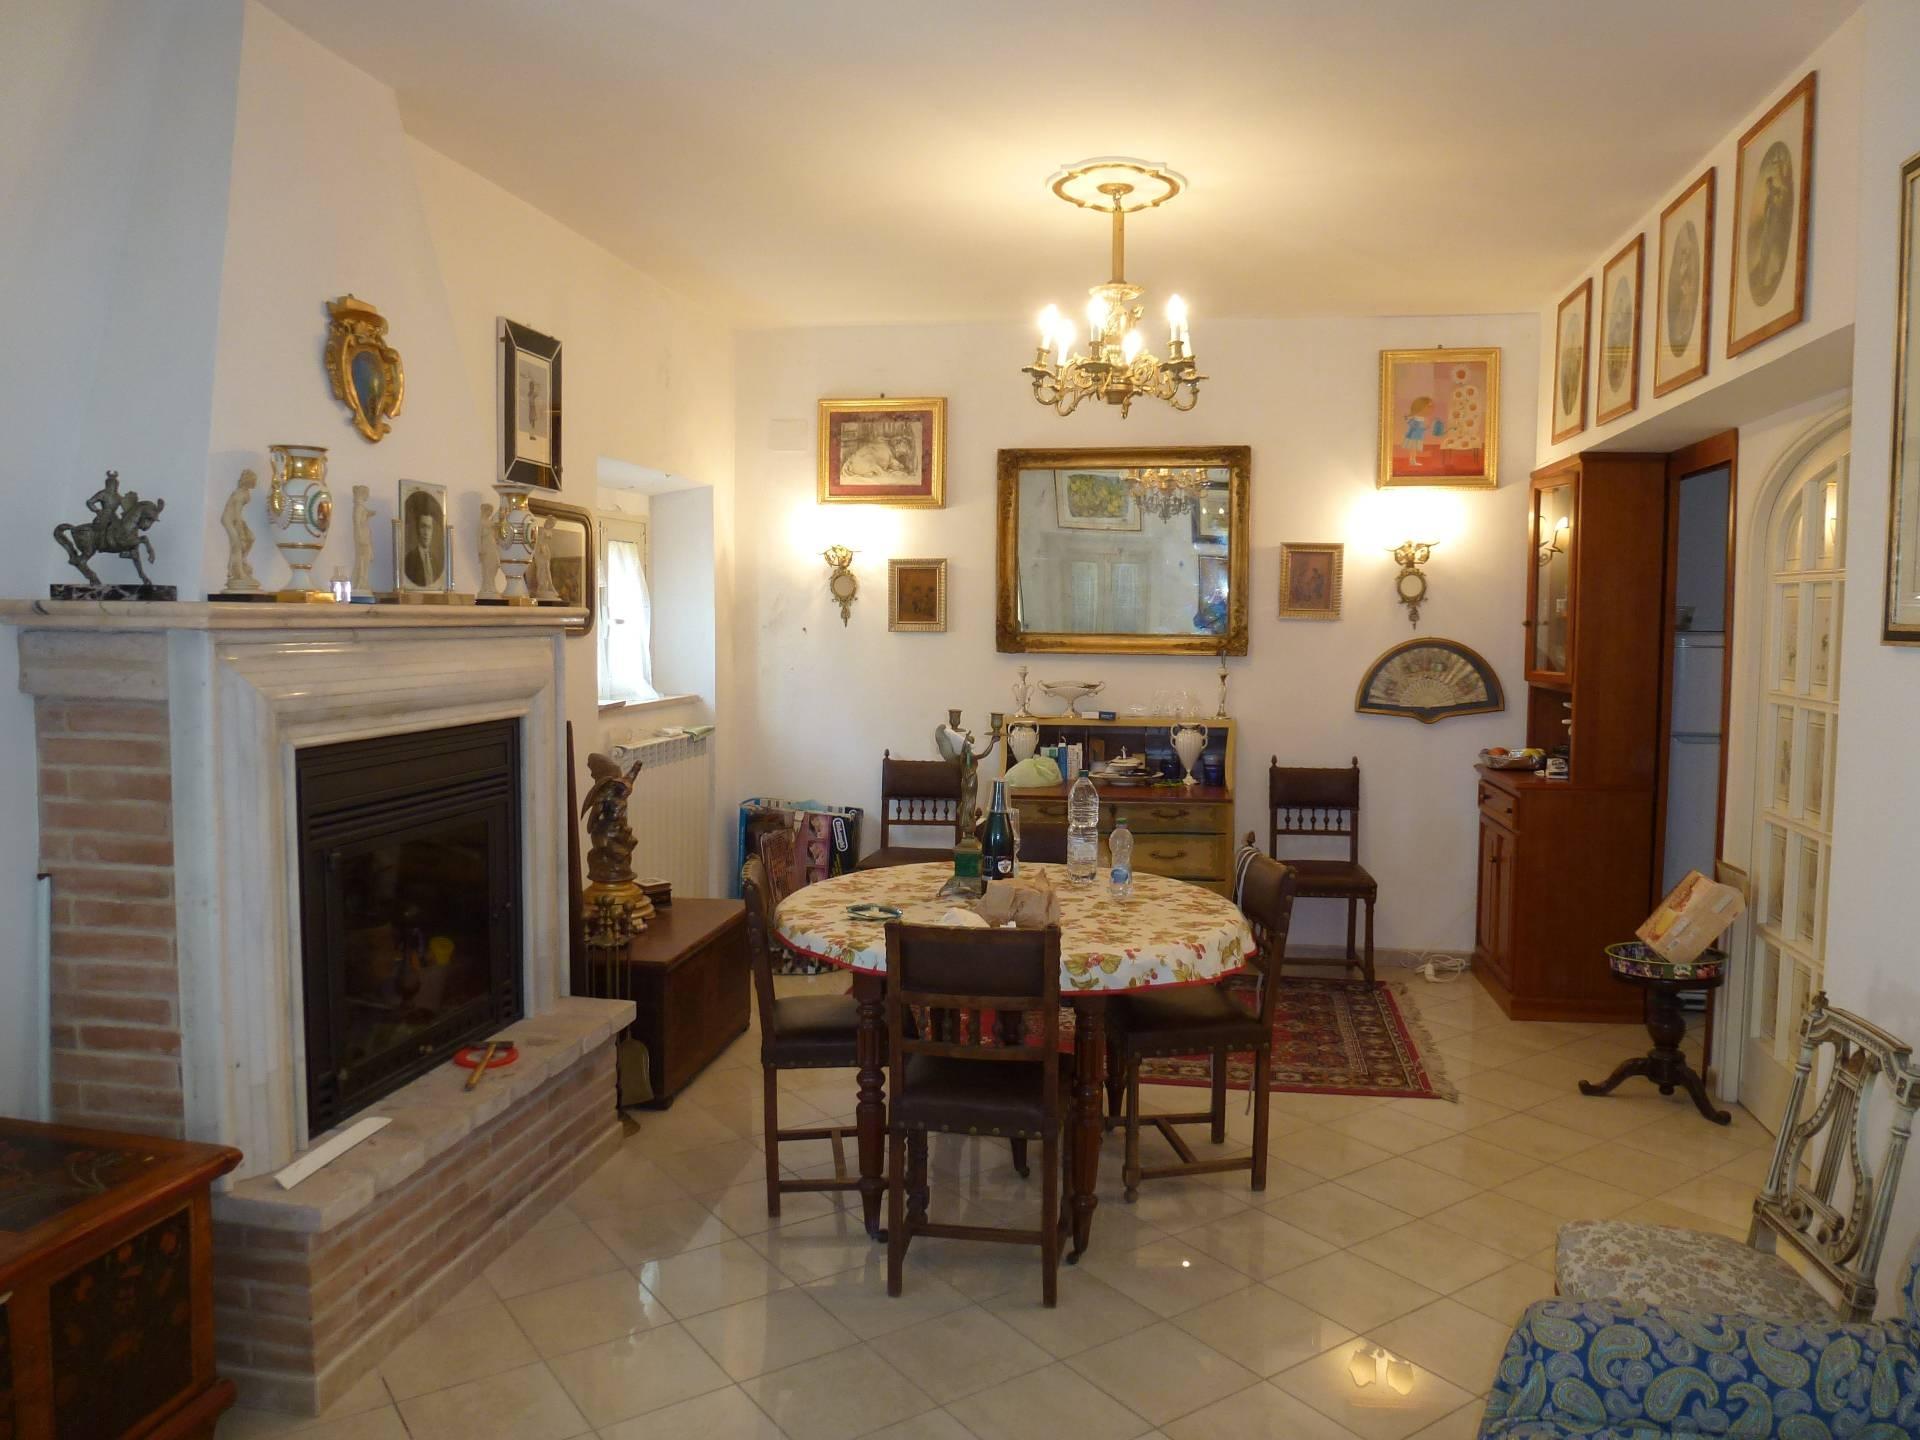 Appartamento in vendita a Servigliano, 4 locali, prezzo € 110.000 | CambioCasa.it